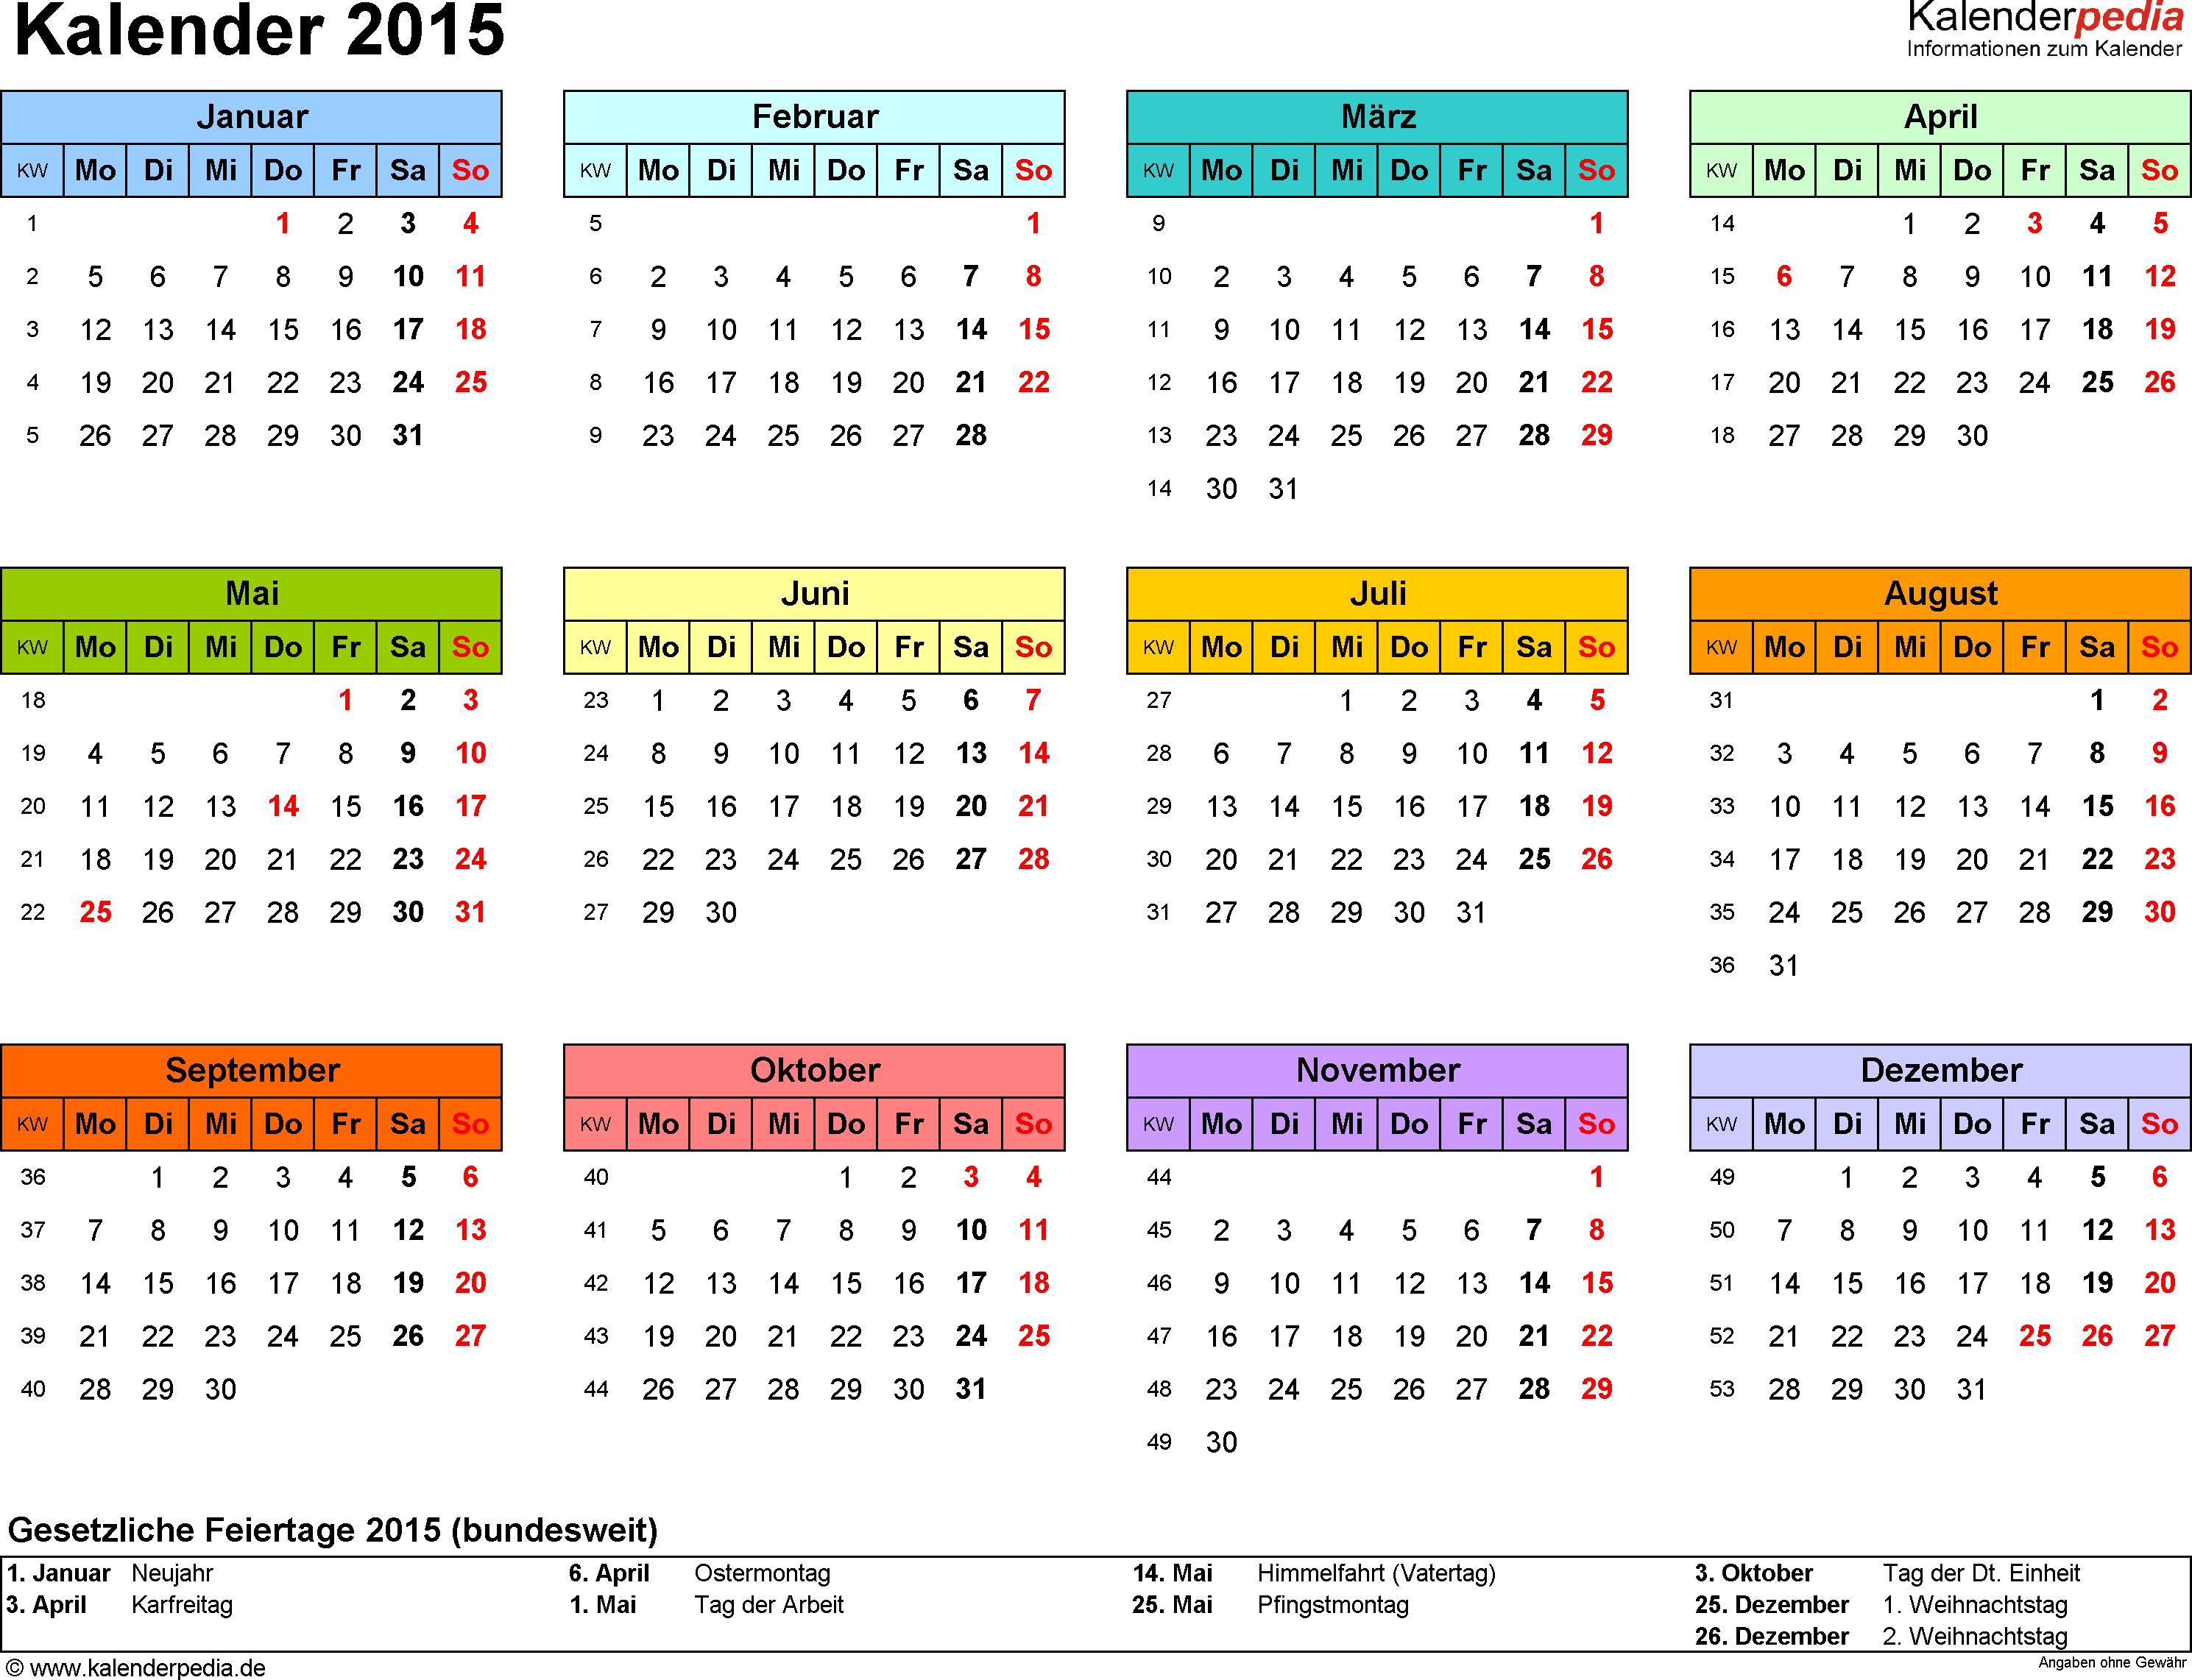 Kalender 2015 - free download - für Word, Excel und PDF ...